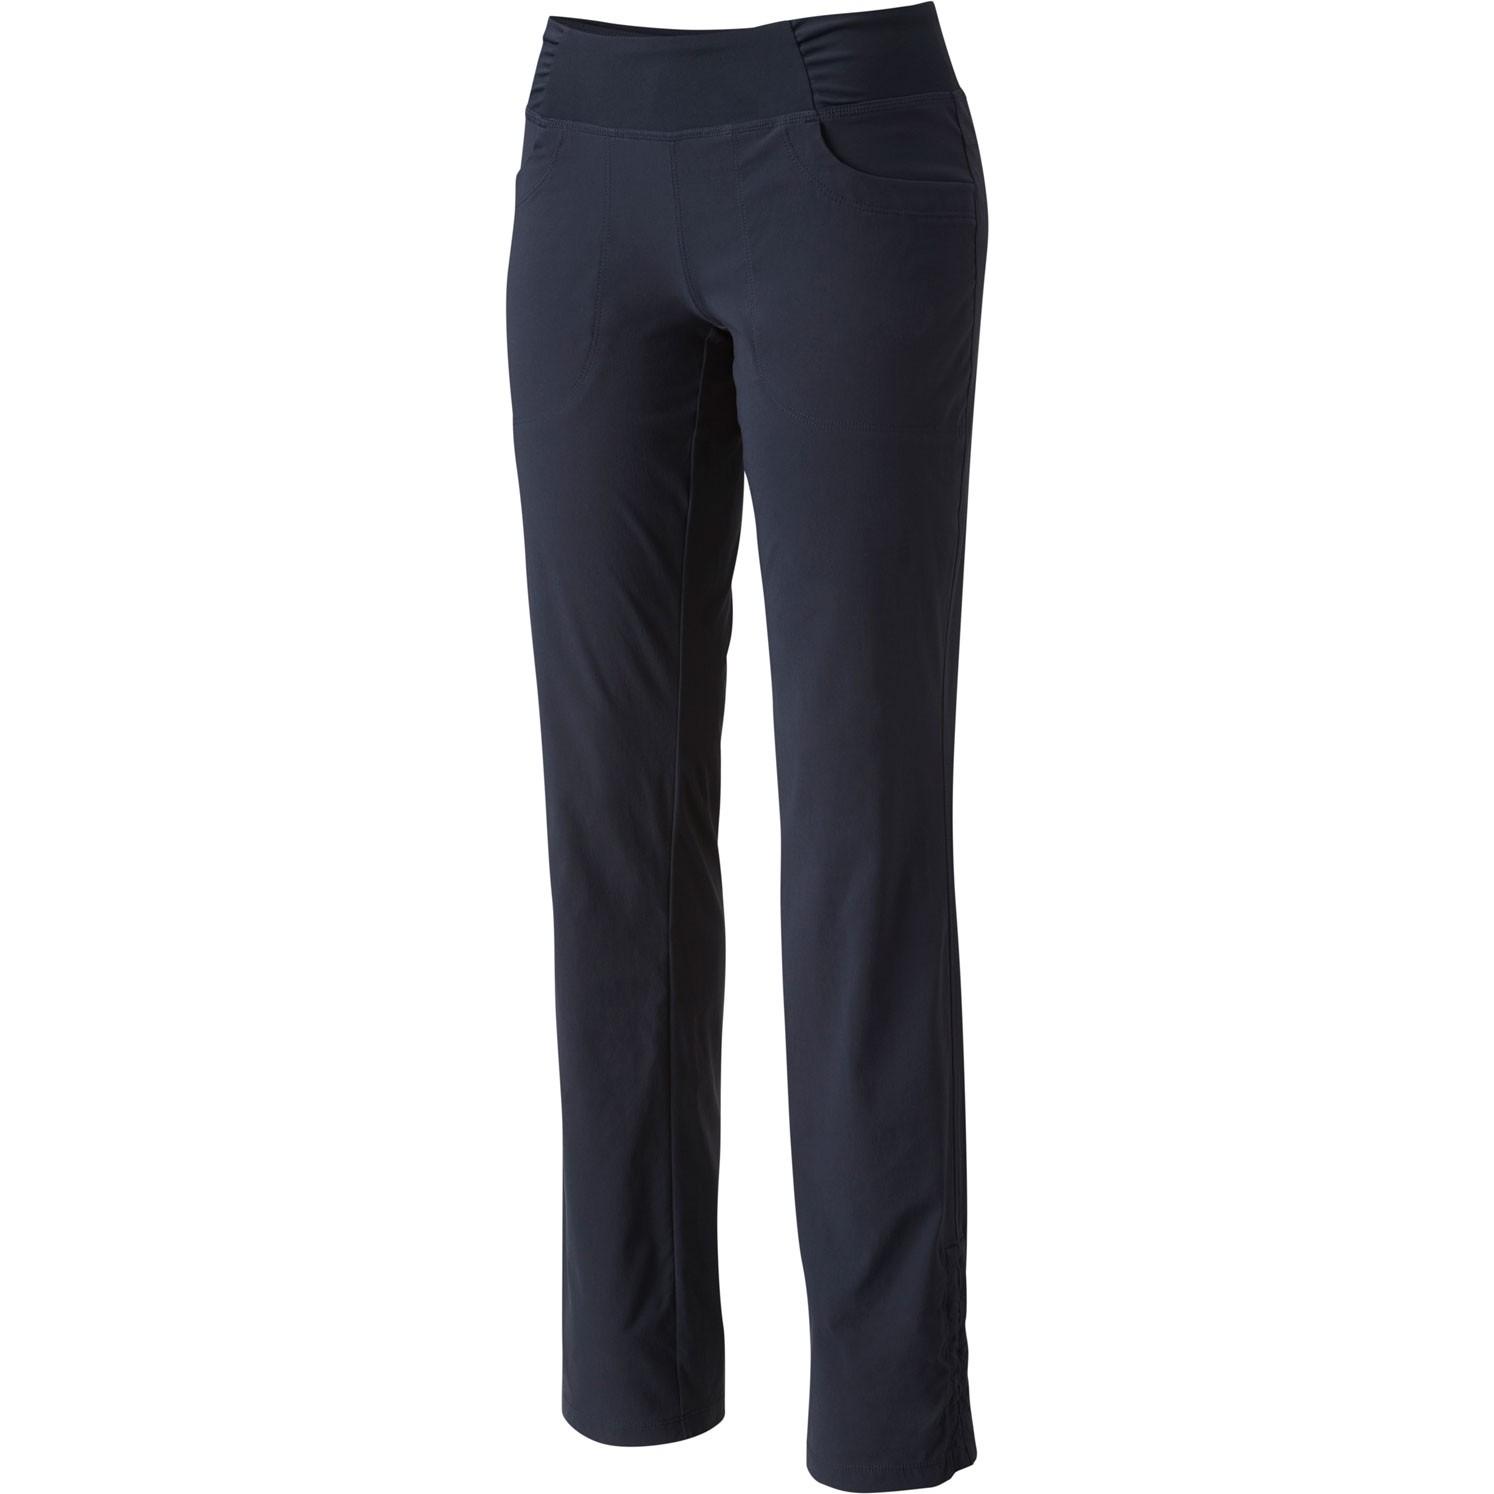 Mountain Hardwear Dynama Pants - Dark Zinc - front